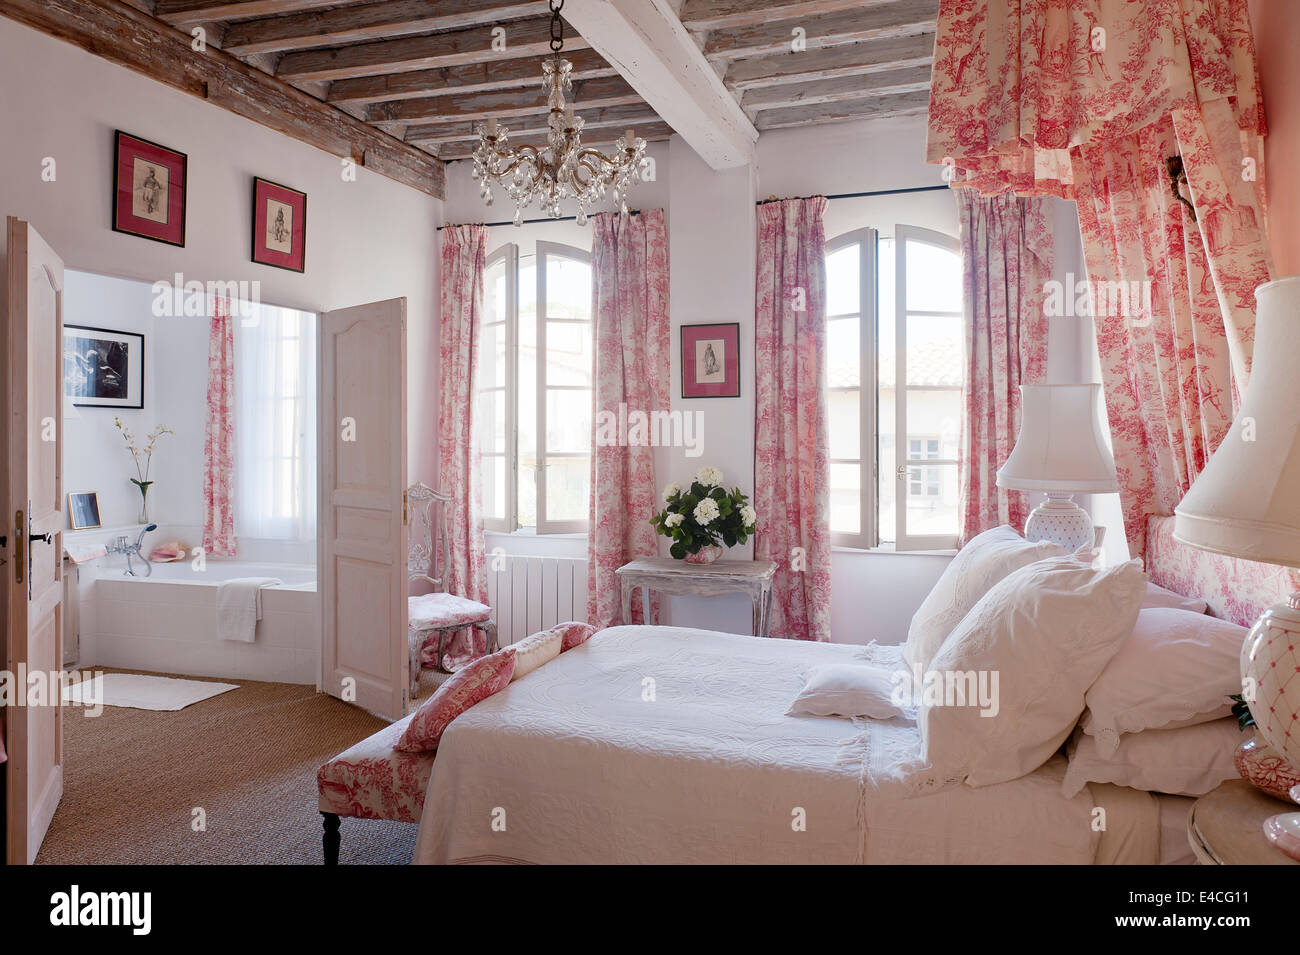 Vorhang Über Bett rosa und weiße toile de jouy stoff auf kissen, vorhang und bett